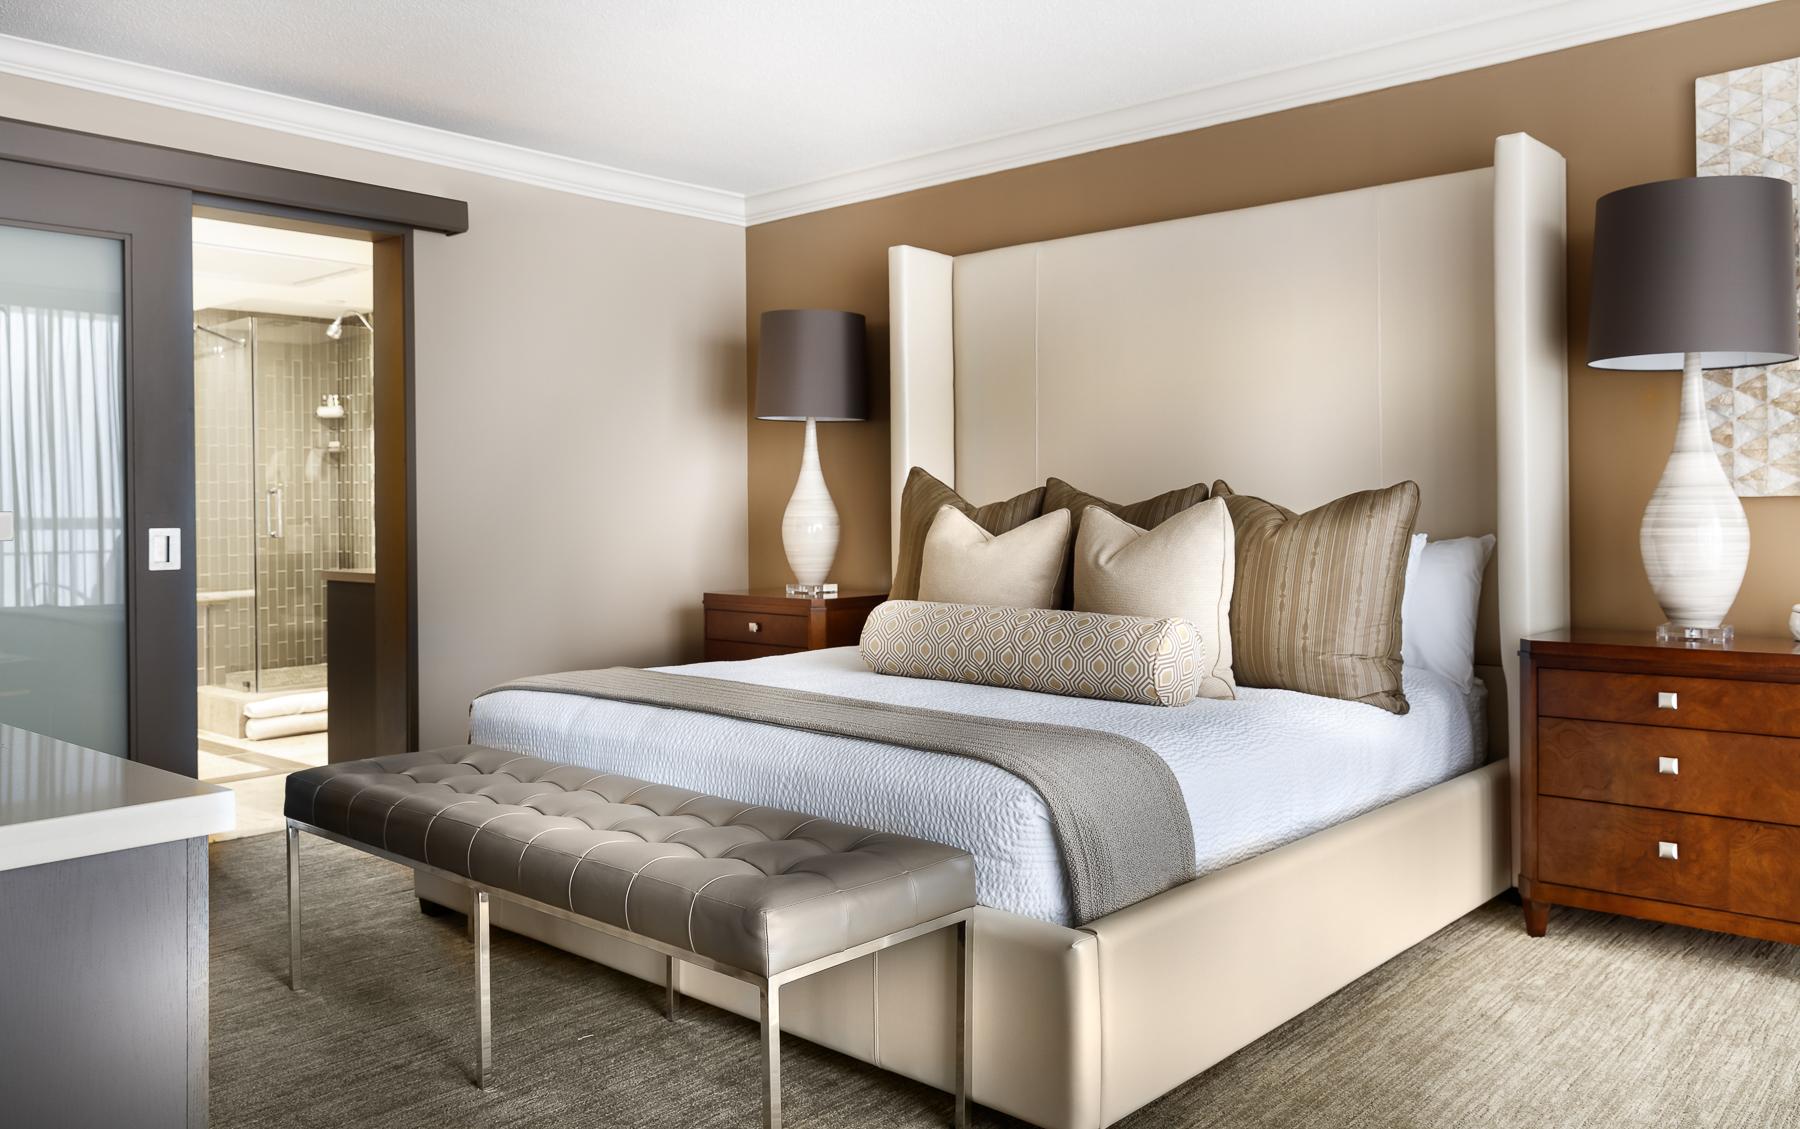 Presidential_suite_bed.jpg